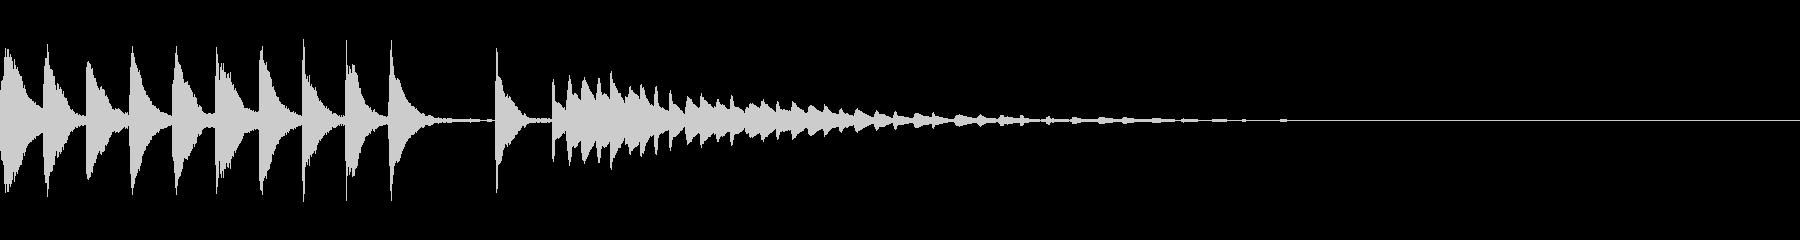 とぼけた雰囲気のジングル・場面転換の未再生の波形